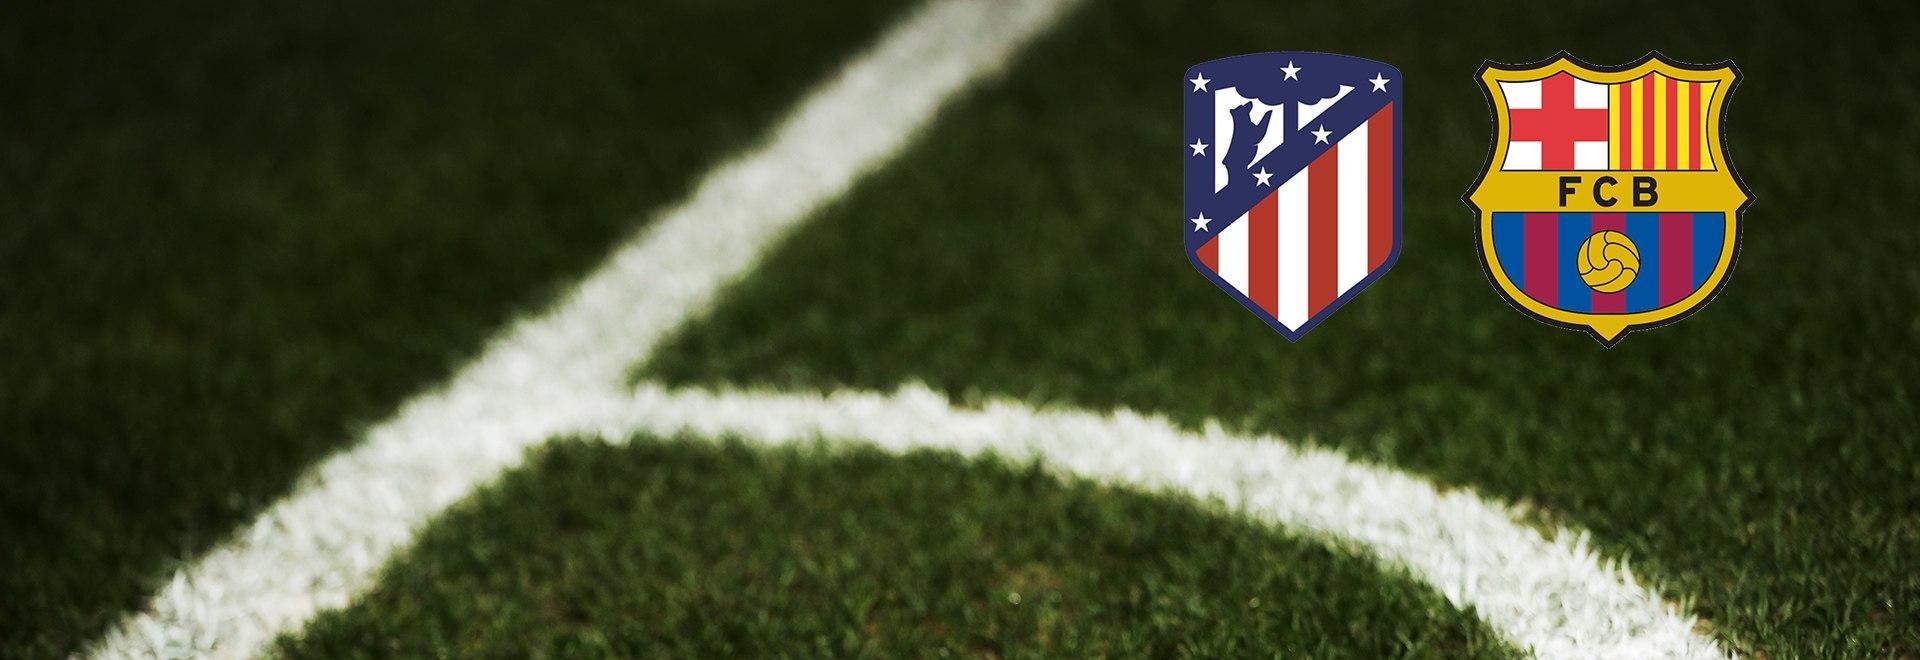 Atletico M. - Barcellona. 15a g.